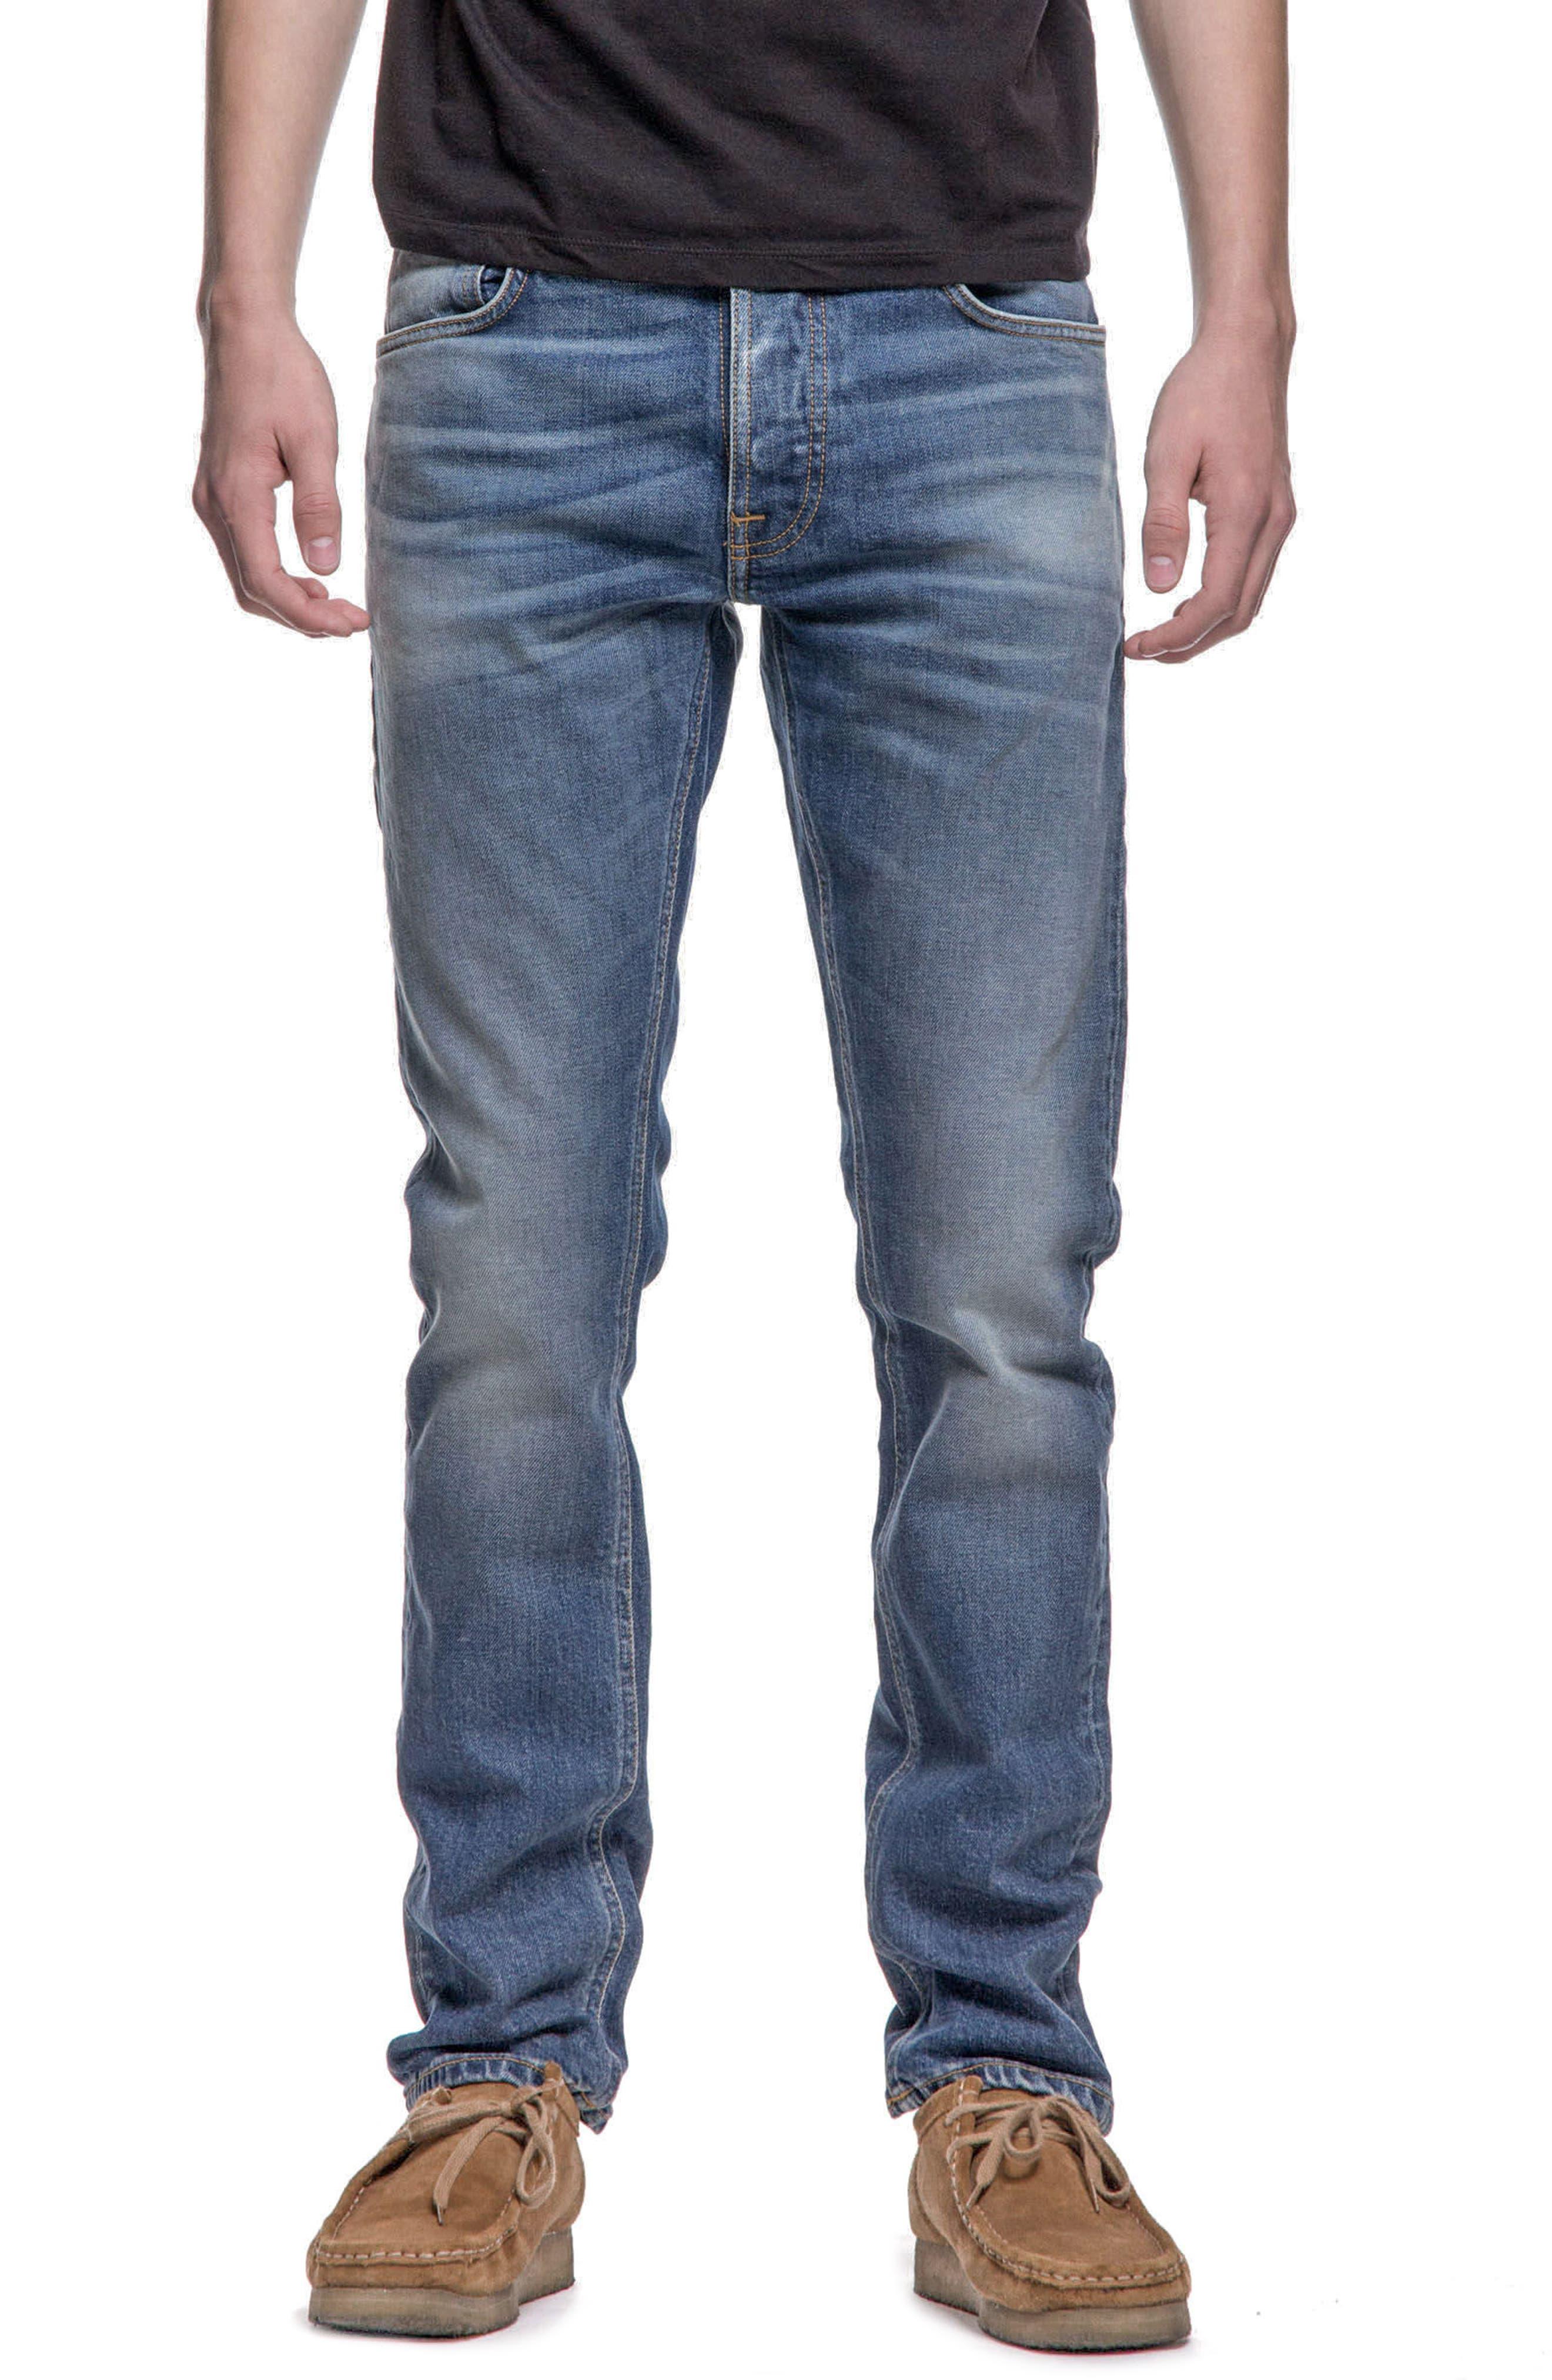 Nudie Jeans Grim Tim Slim Fit Jeans (Conjunctions)